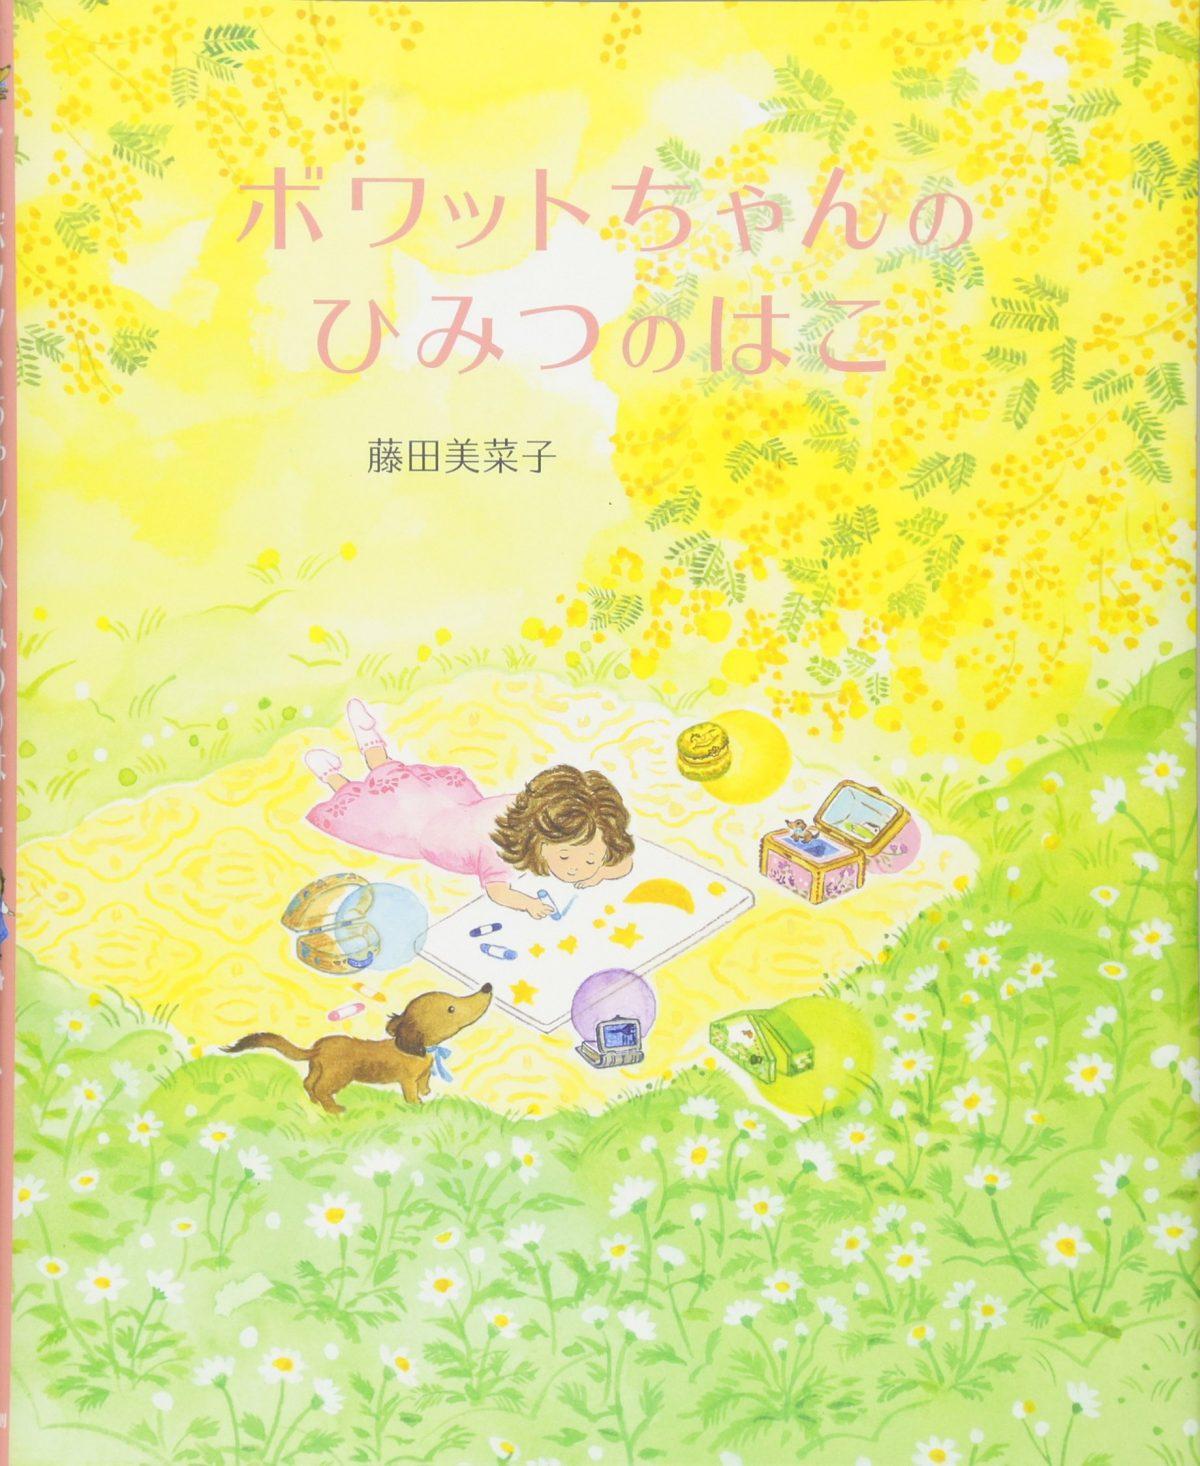 絵本「ボワットちゃんのひみつのはこ」の表紙